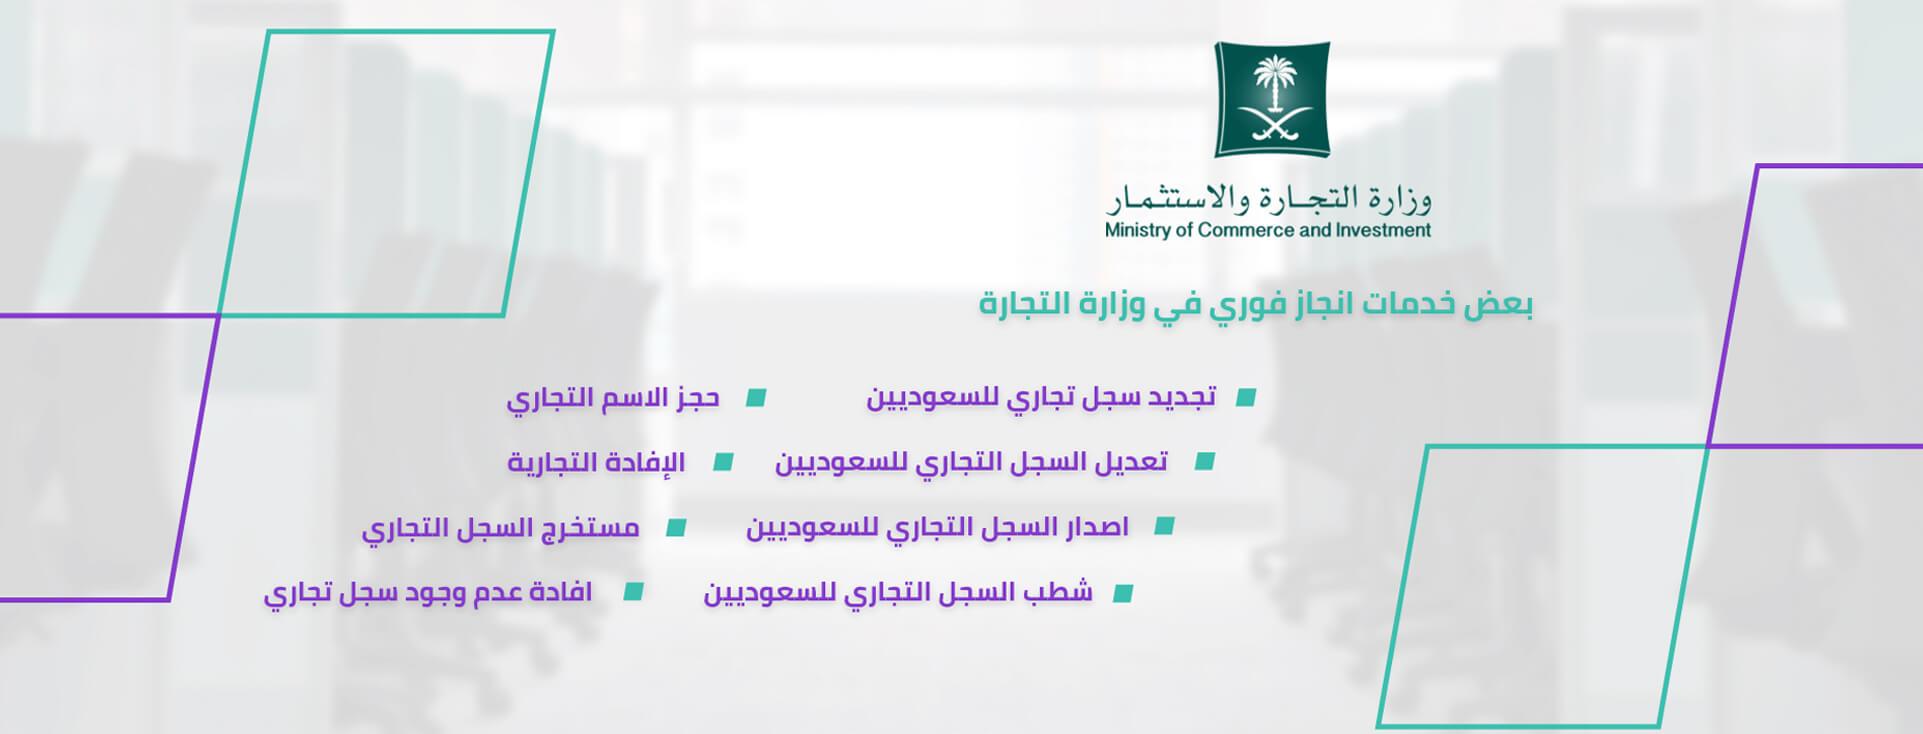 خدمات وزارة التجارة